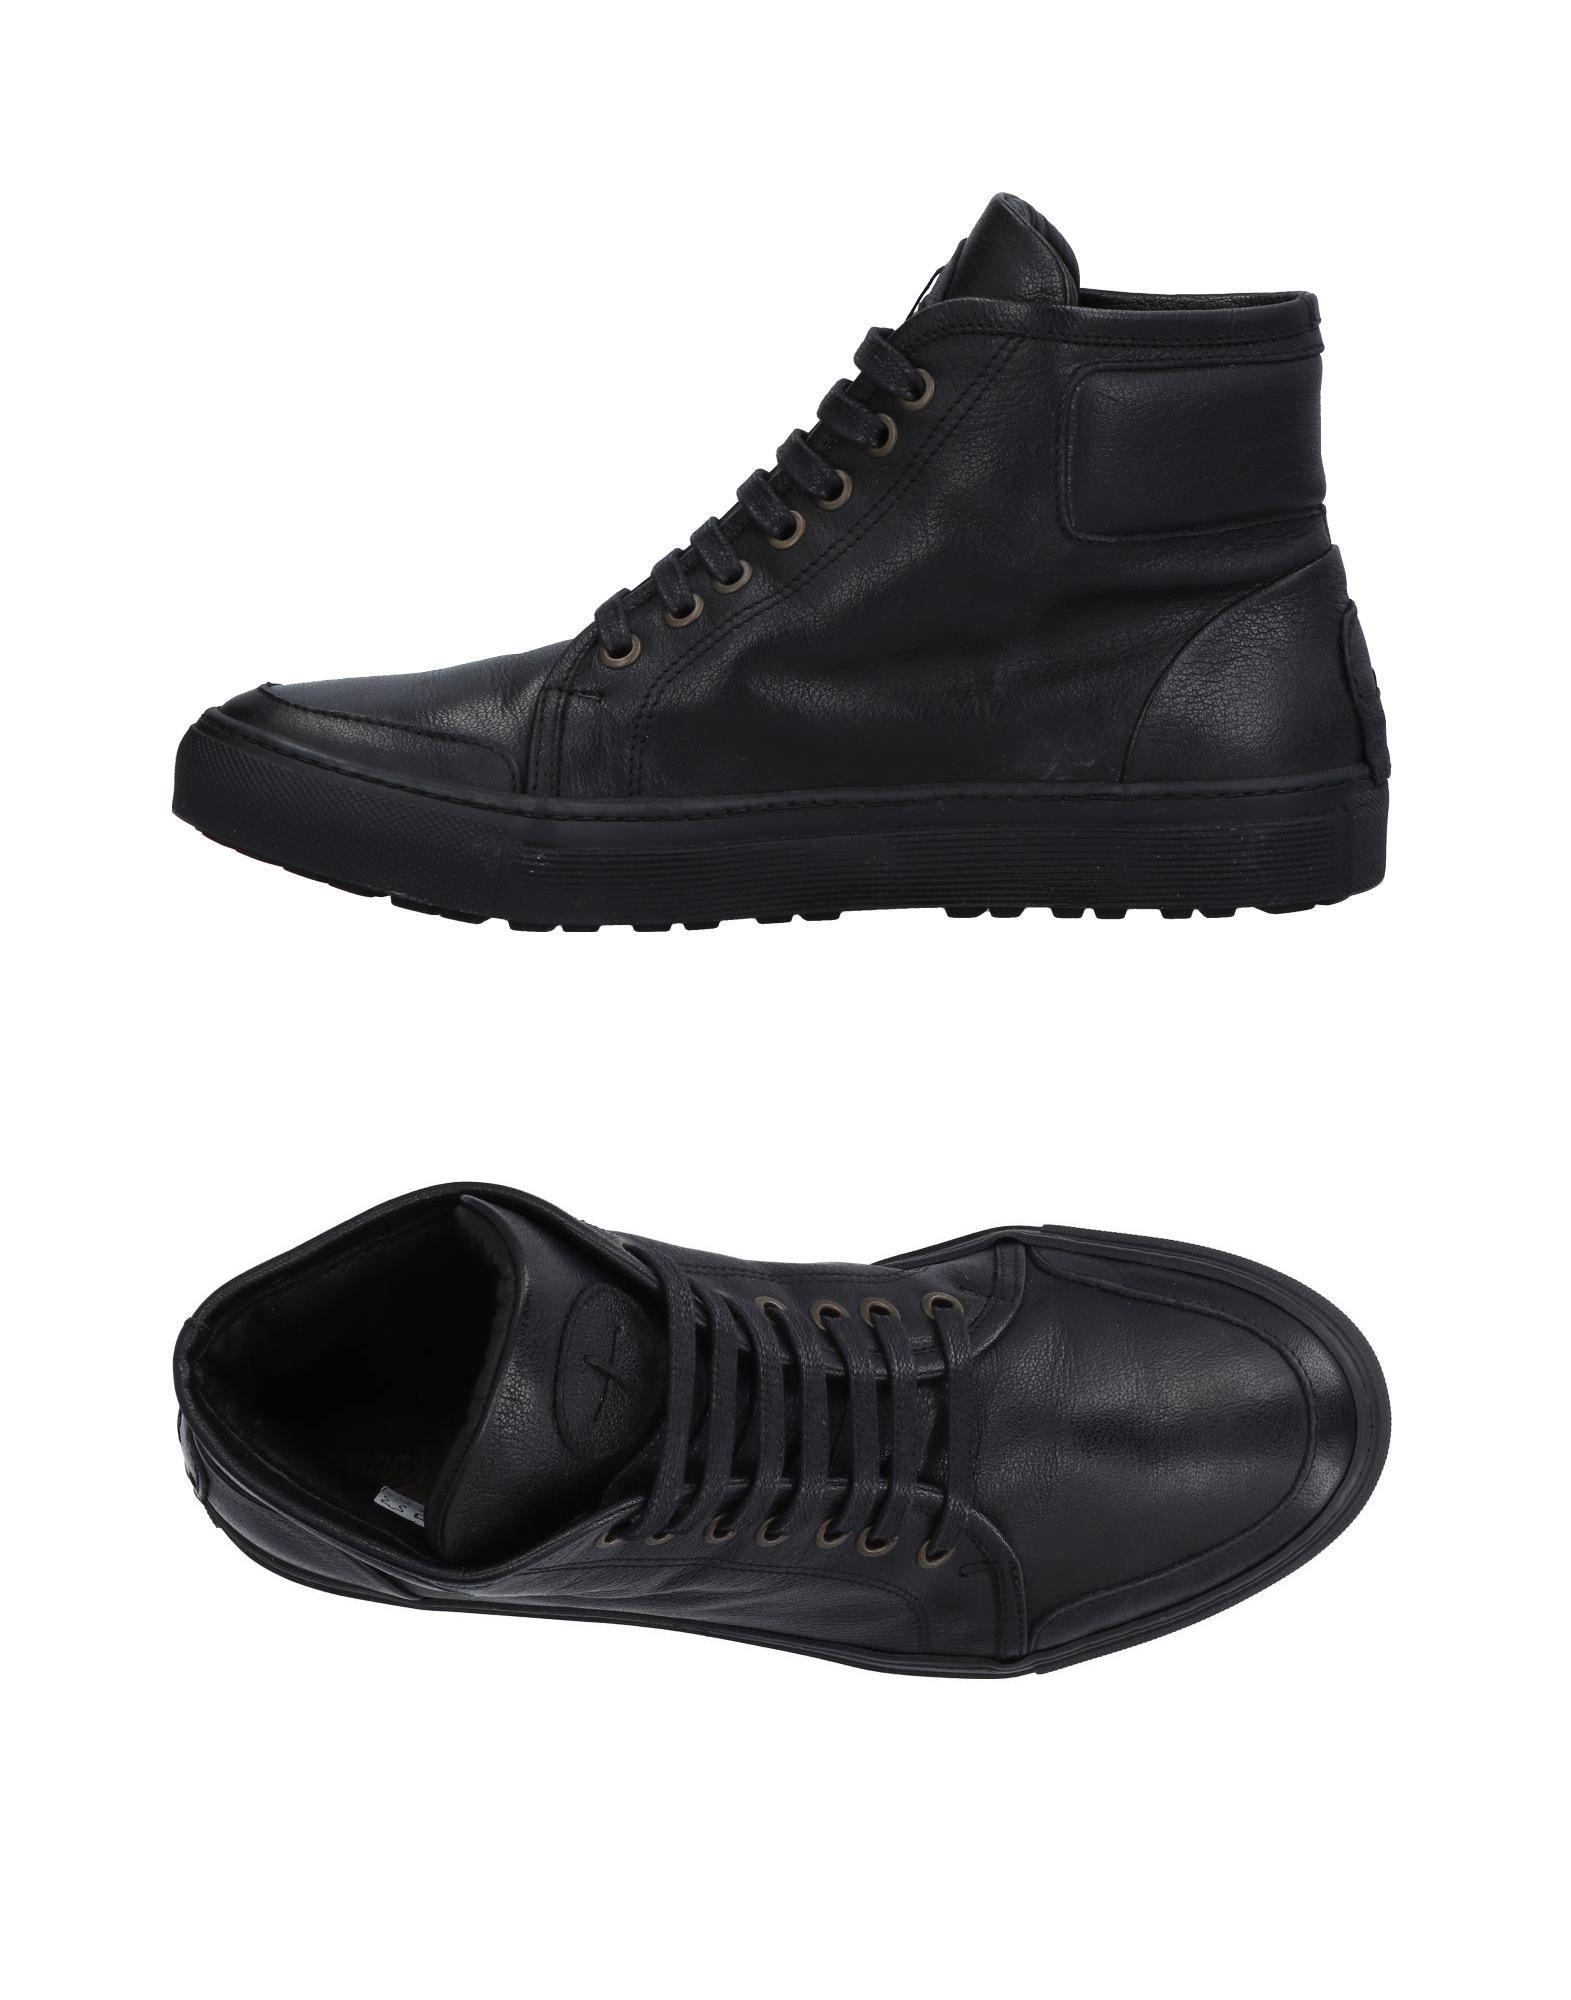 Sneakers Fiorentini+Baker Homme - Sneakers Fiorentini+Baker  Noir Confortable et belle